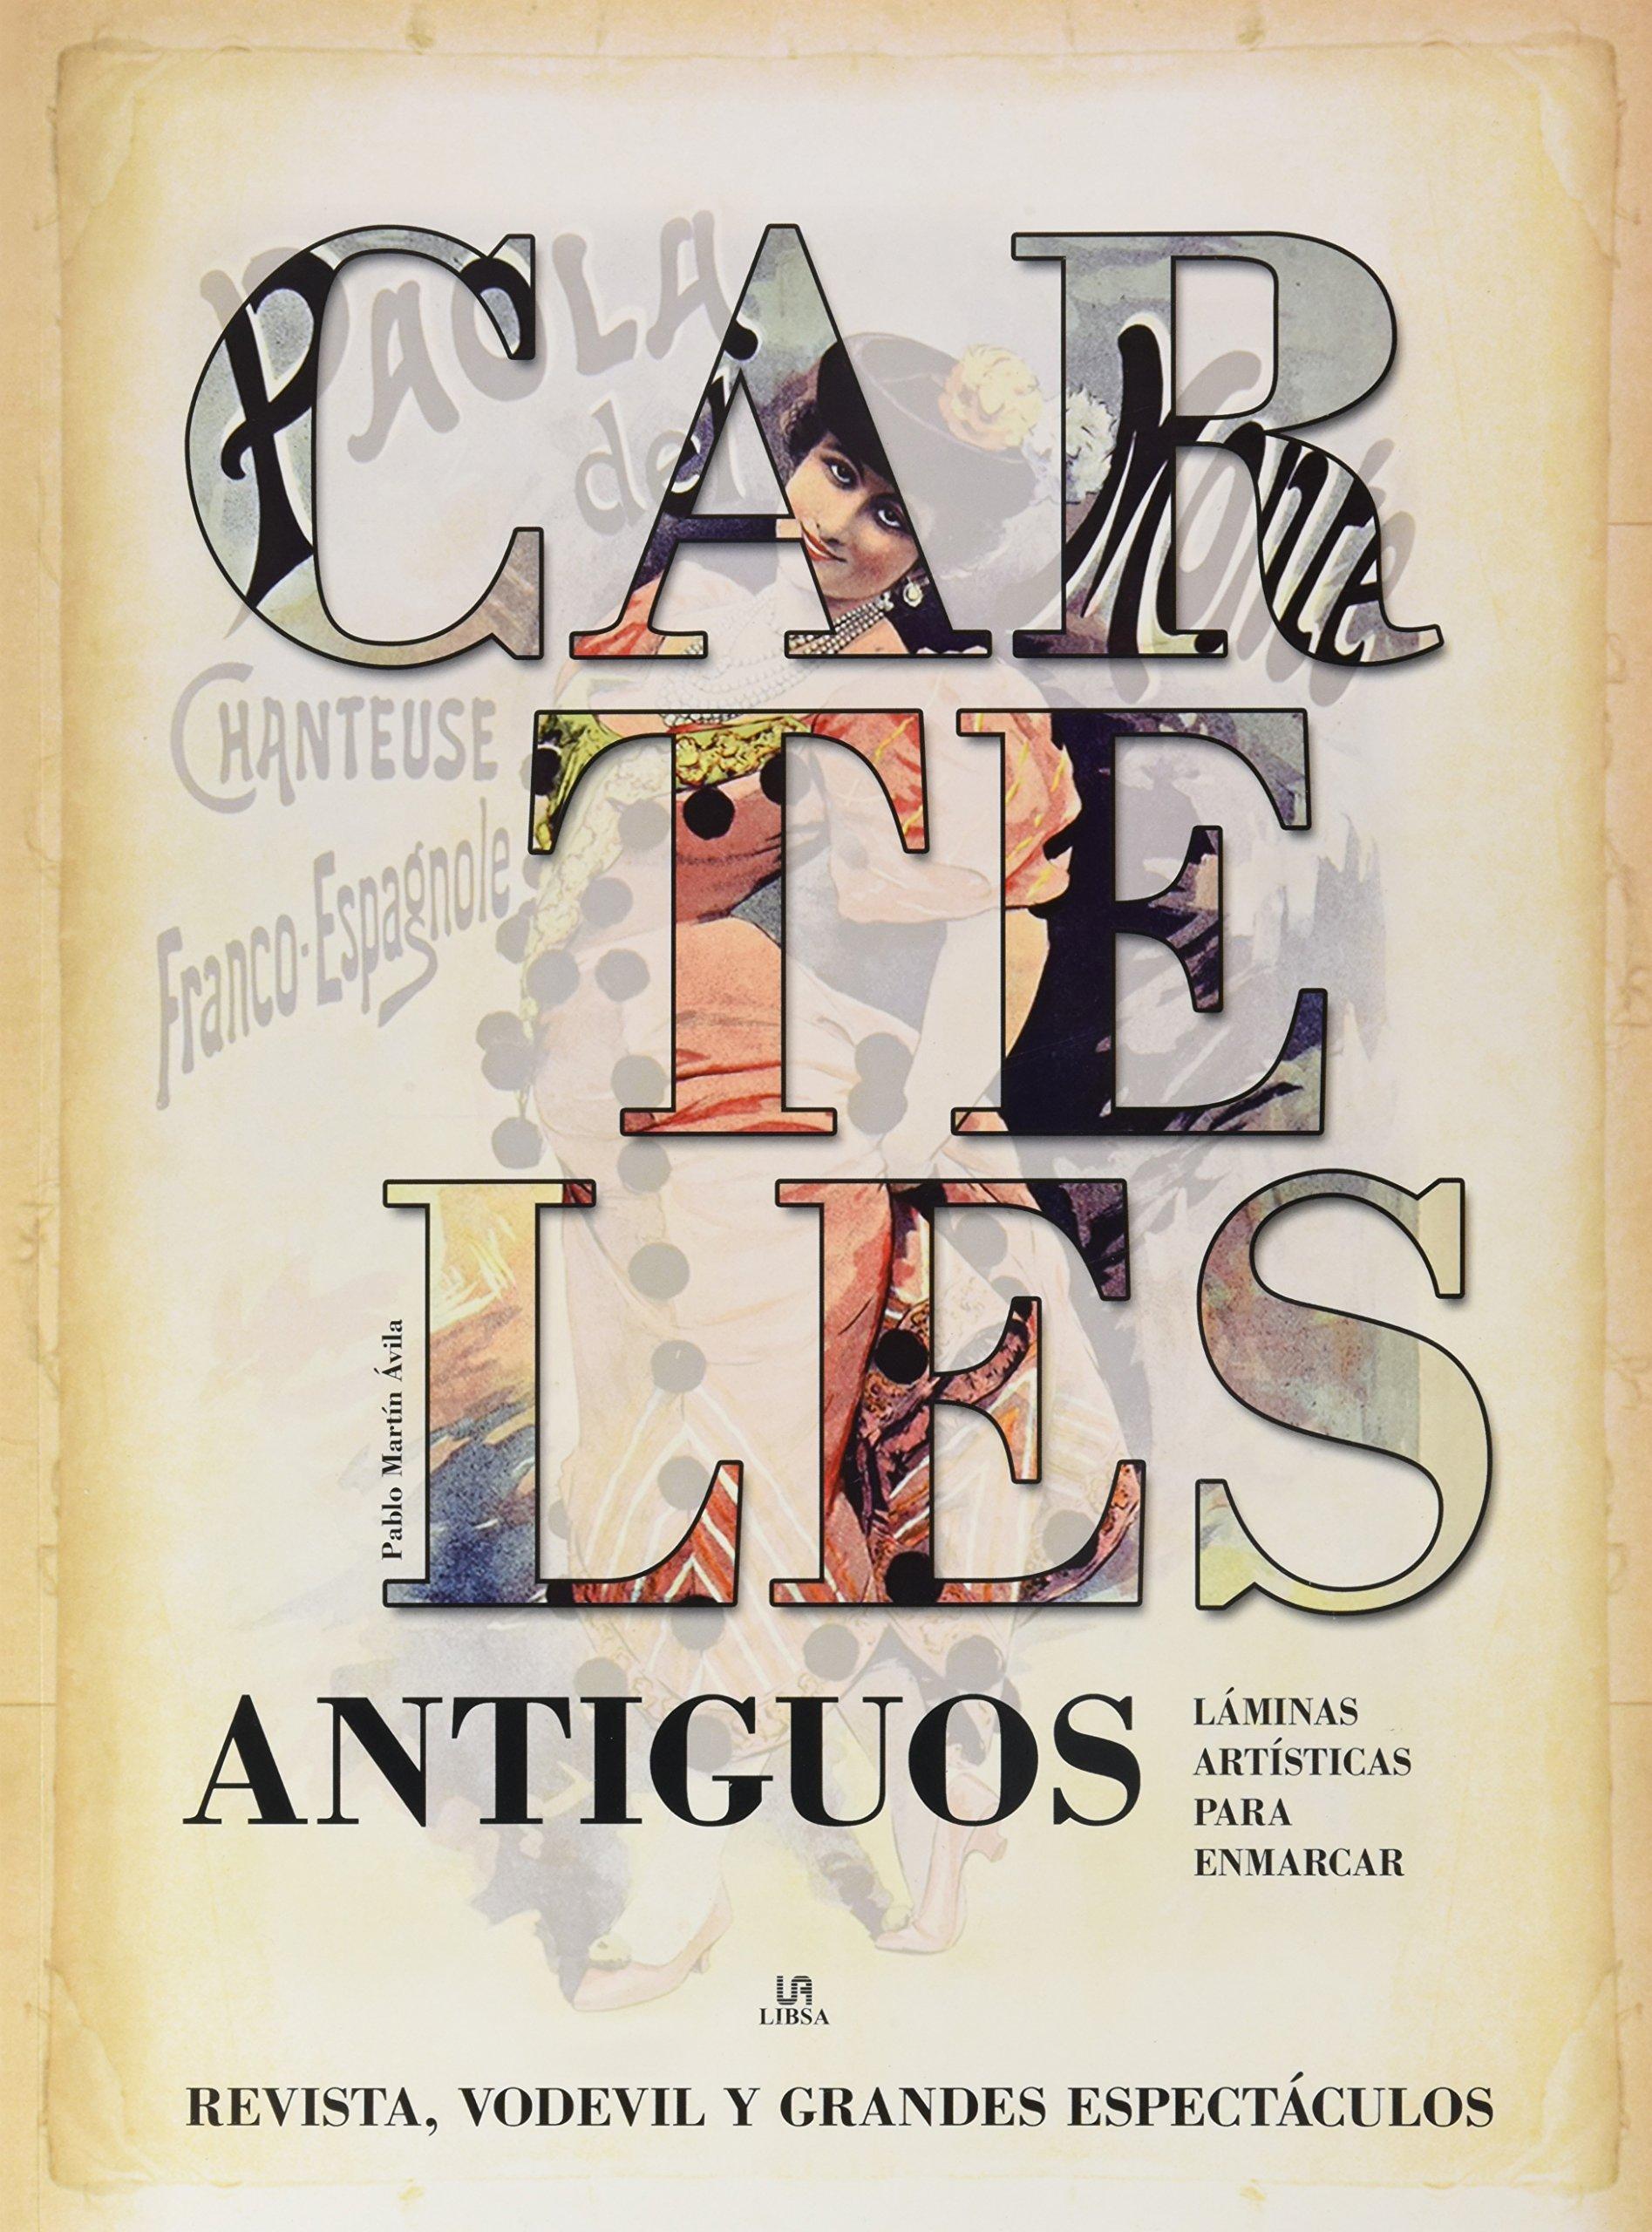 Carteles antiguos : revista, vodevil y grandes espectáculos ...